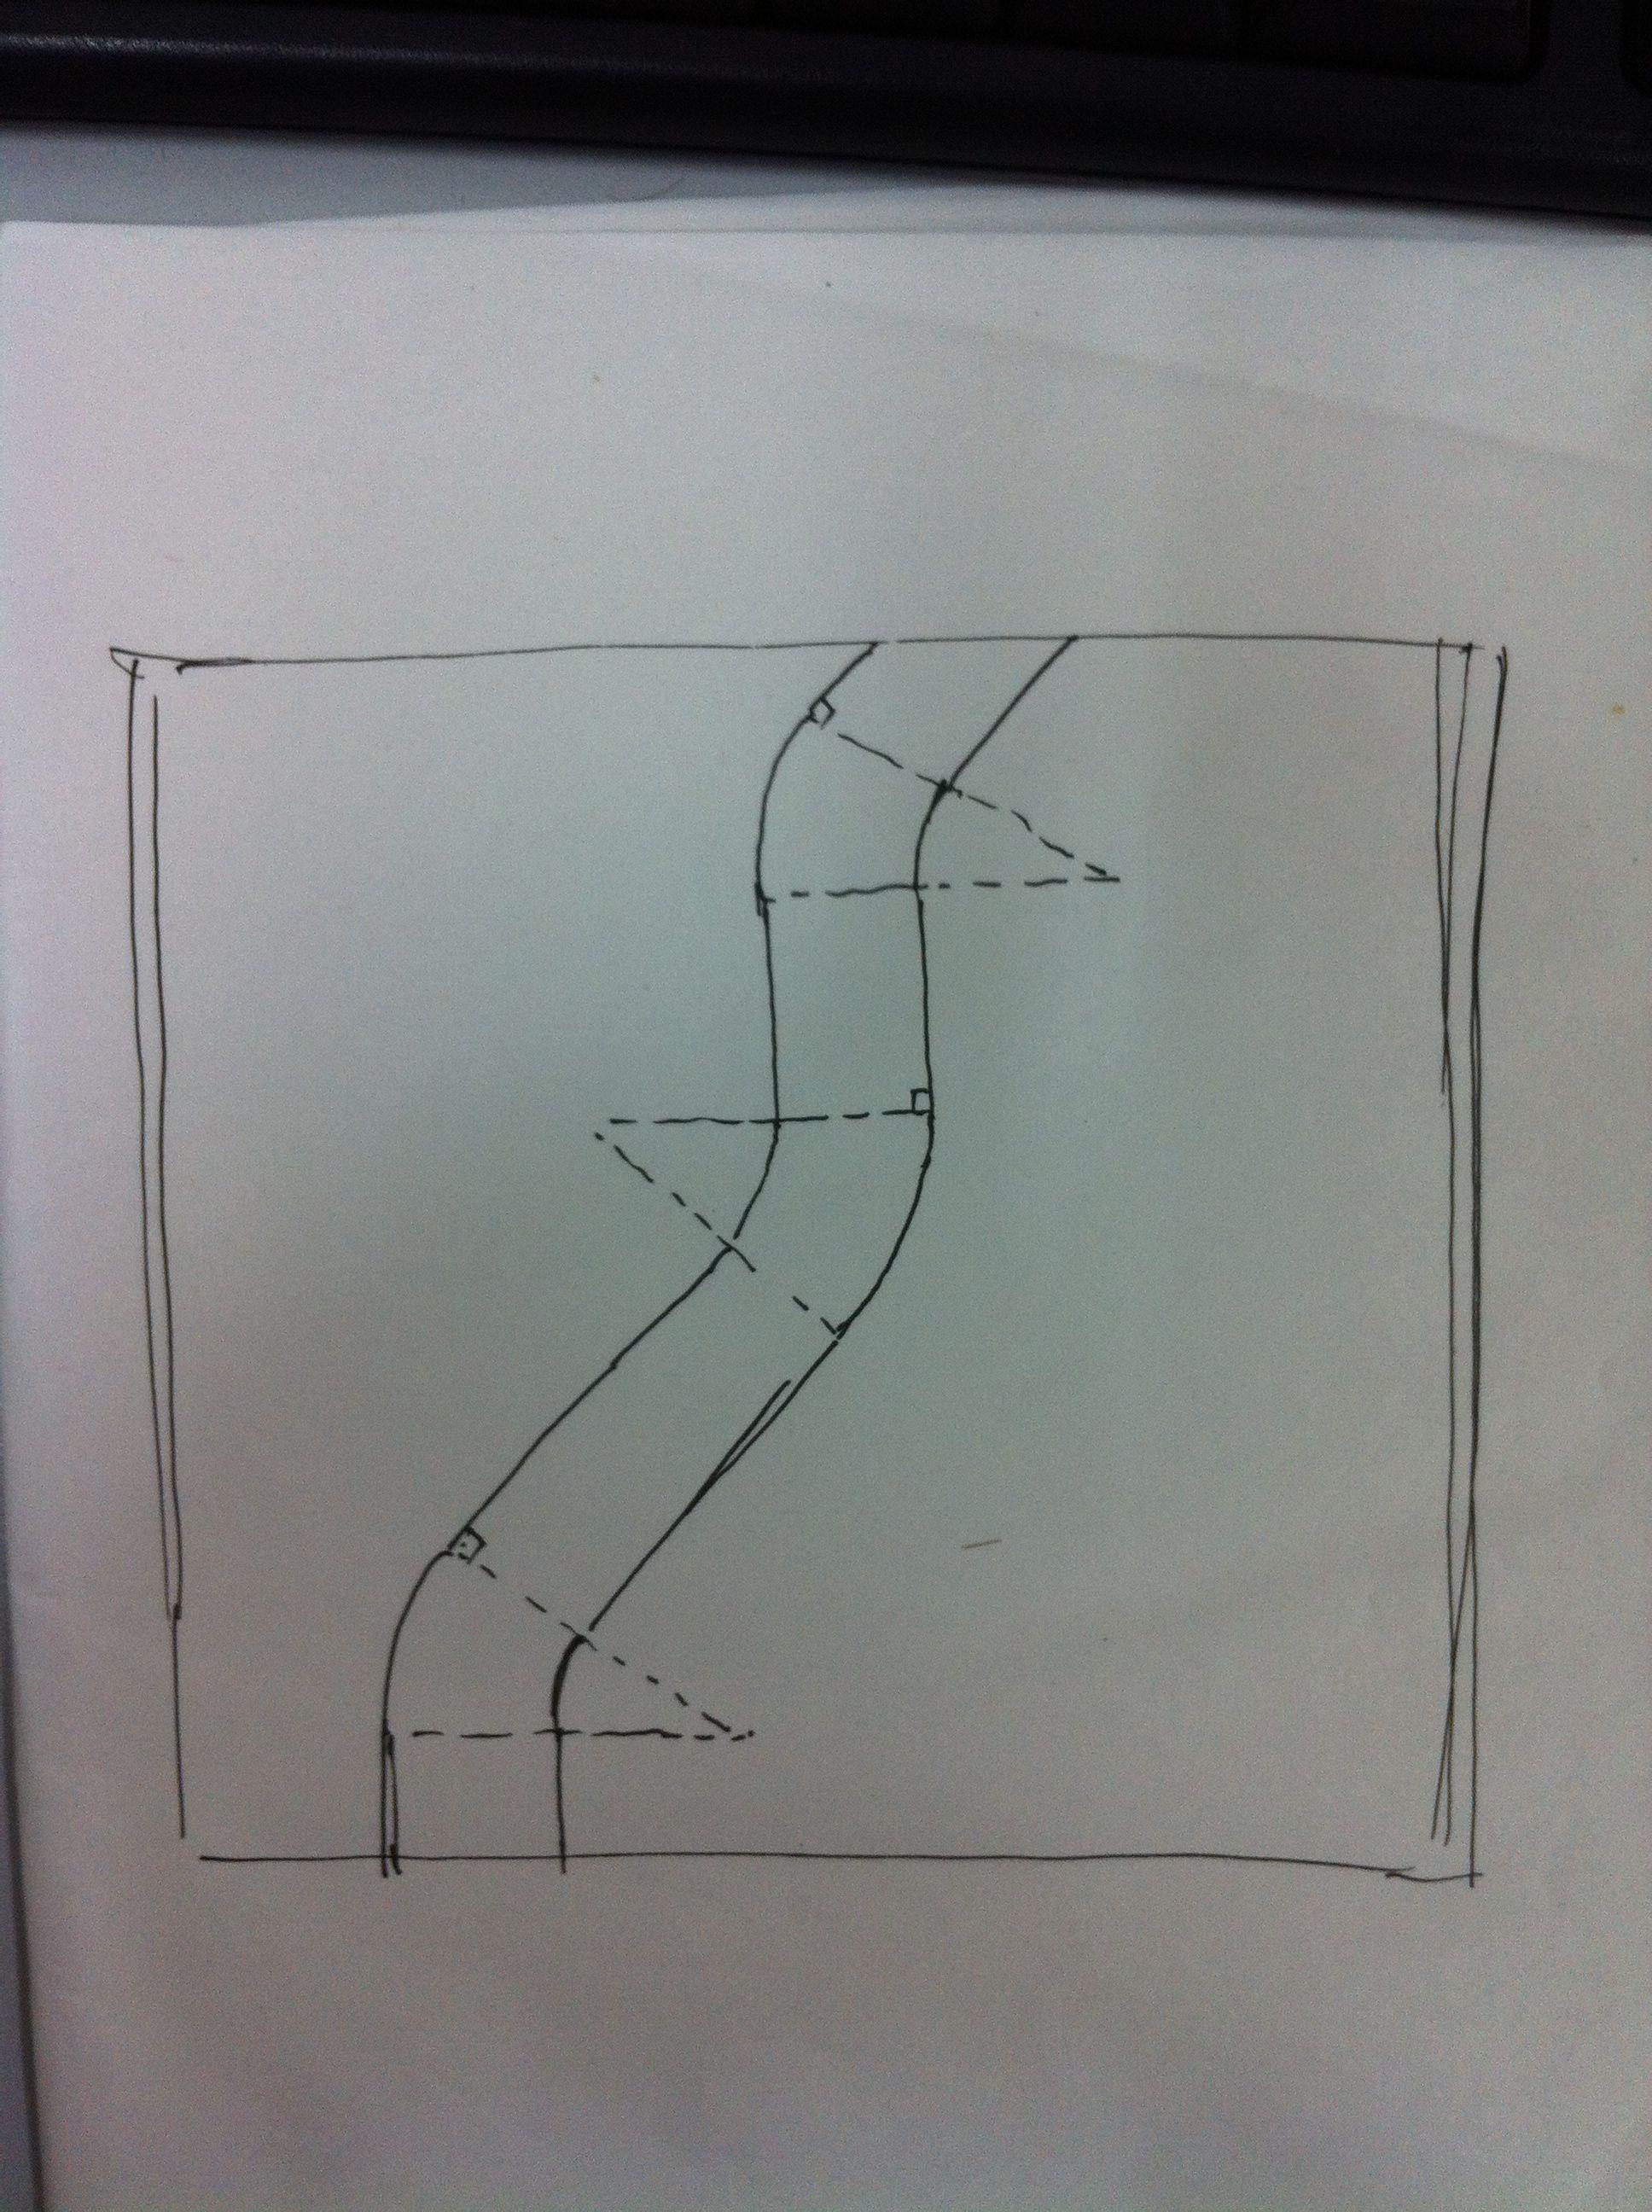 由一张平面图演变成立面图,要手绘的 9 2009-12-14 两点透视画法 25图片